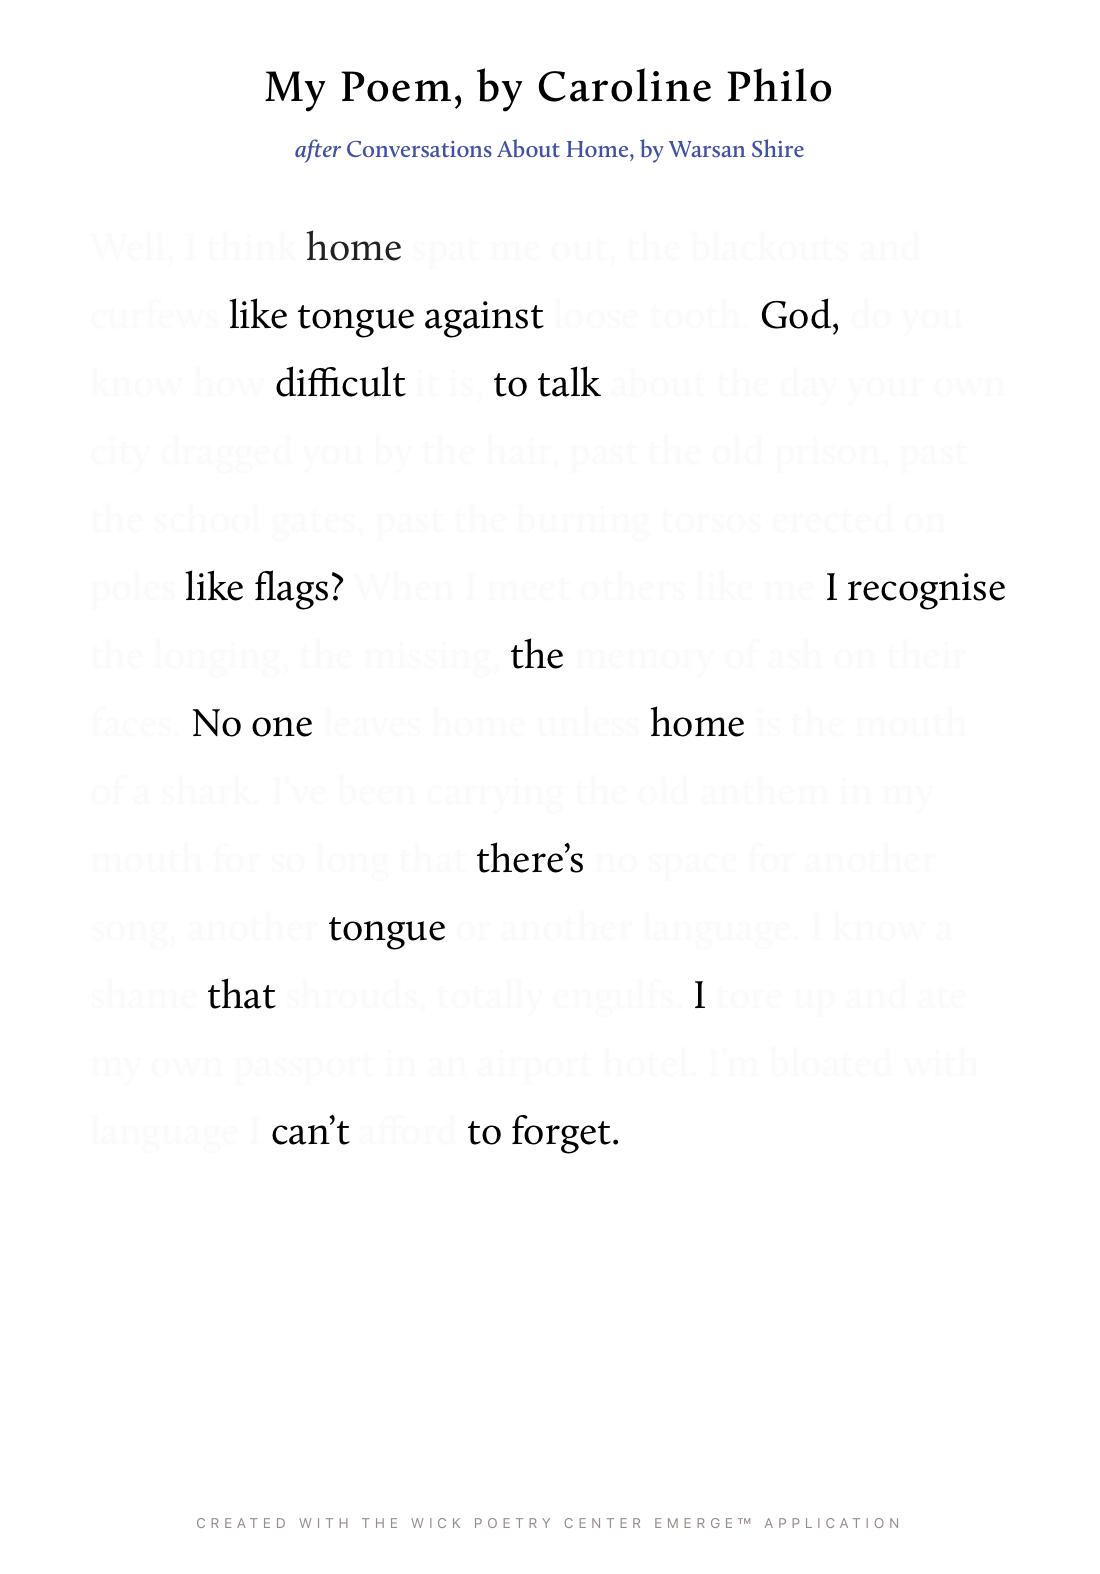 My Poem